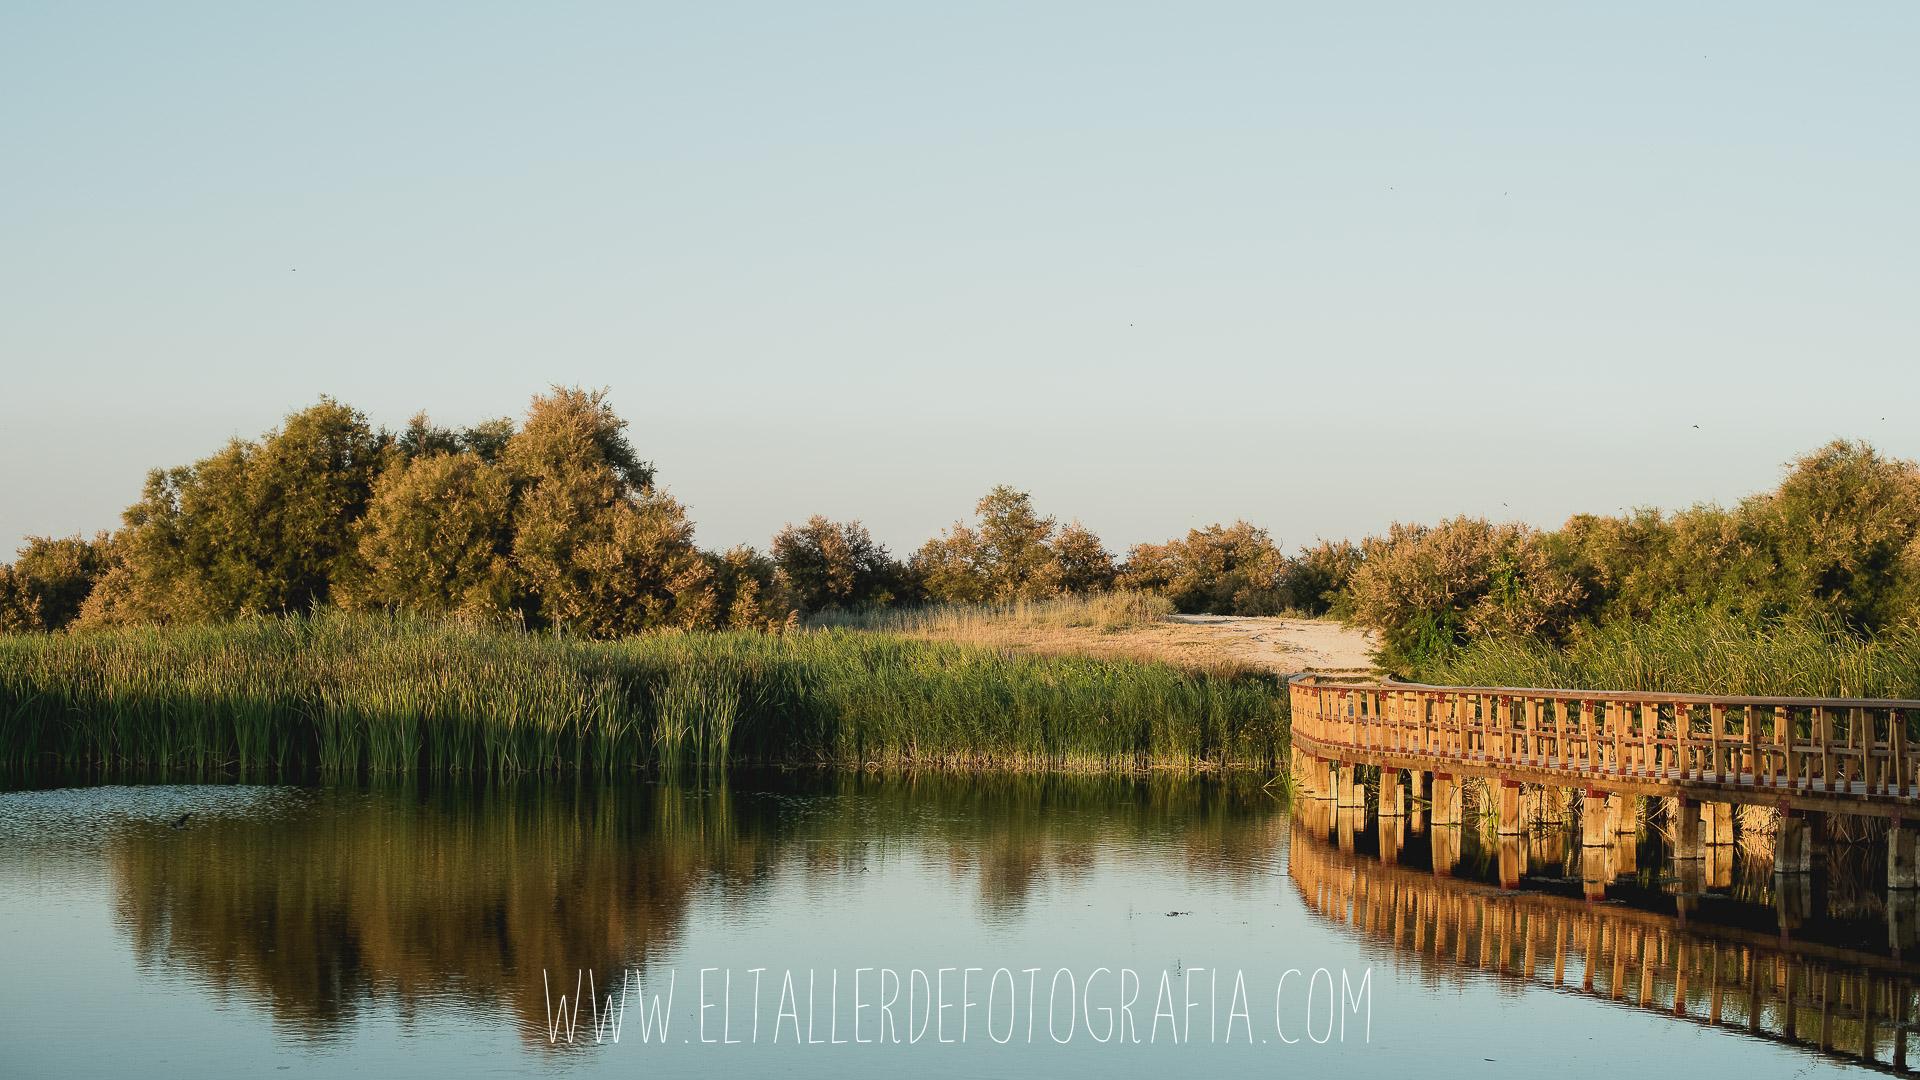 Paisaje con una pasarela con Reflejos en Las Tablas de Daimiel - Parque Nacional en Ciudad Real